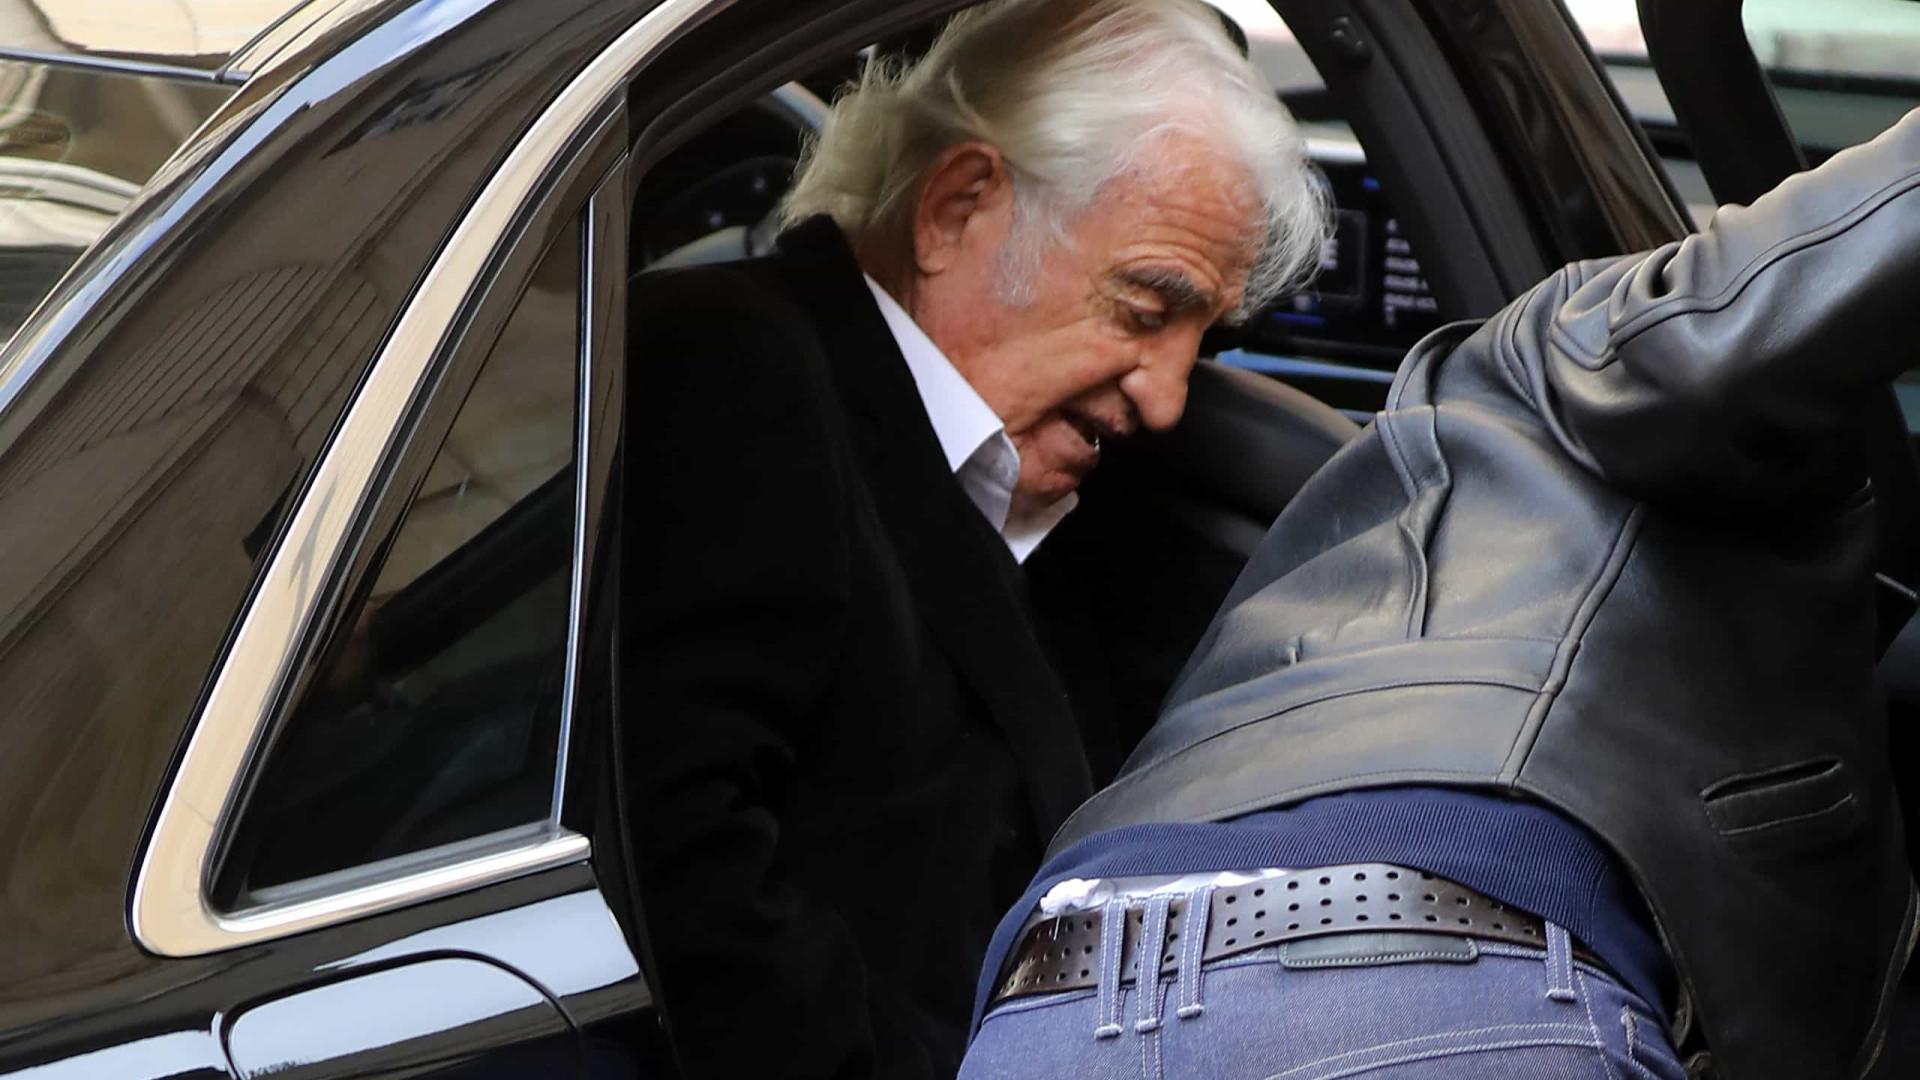 Jean-Paul Belmondo, astro da nouvelle vague, morre aos 88